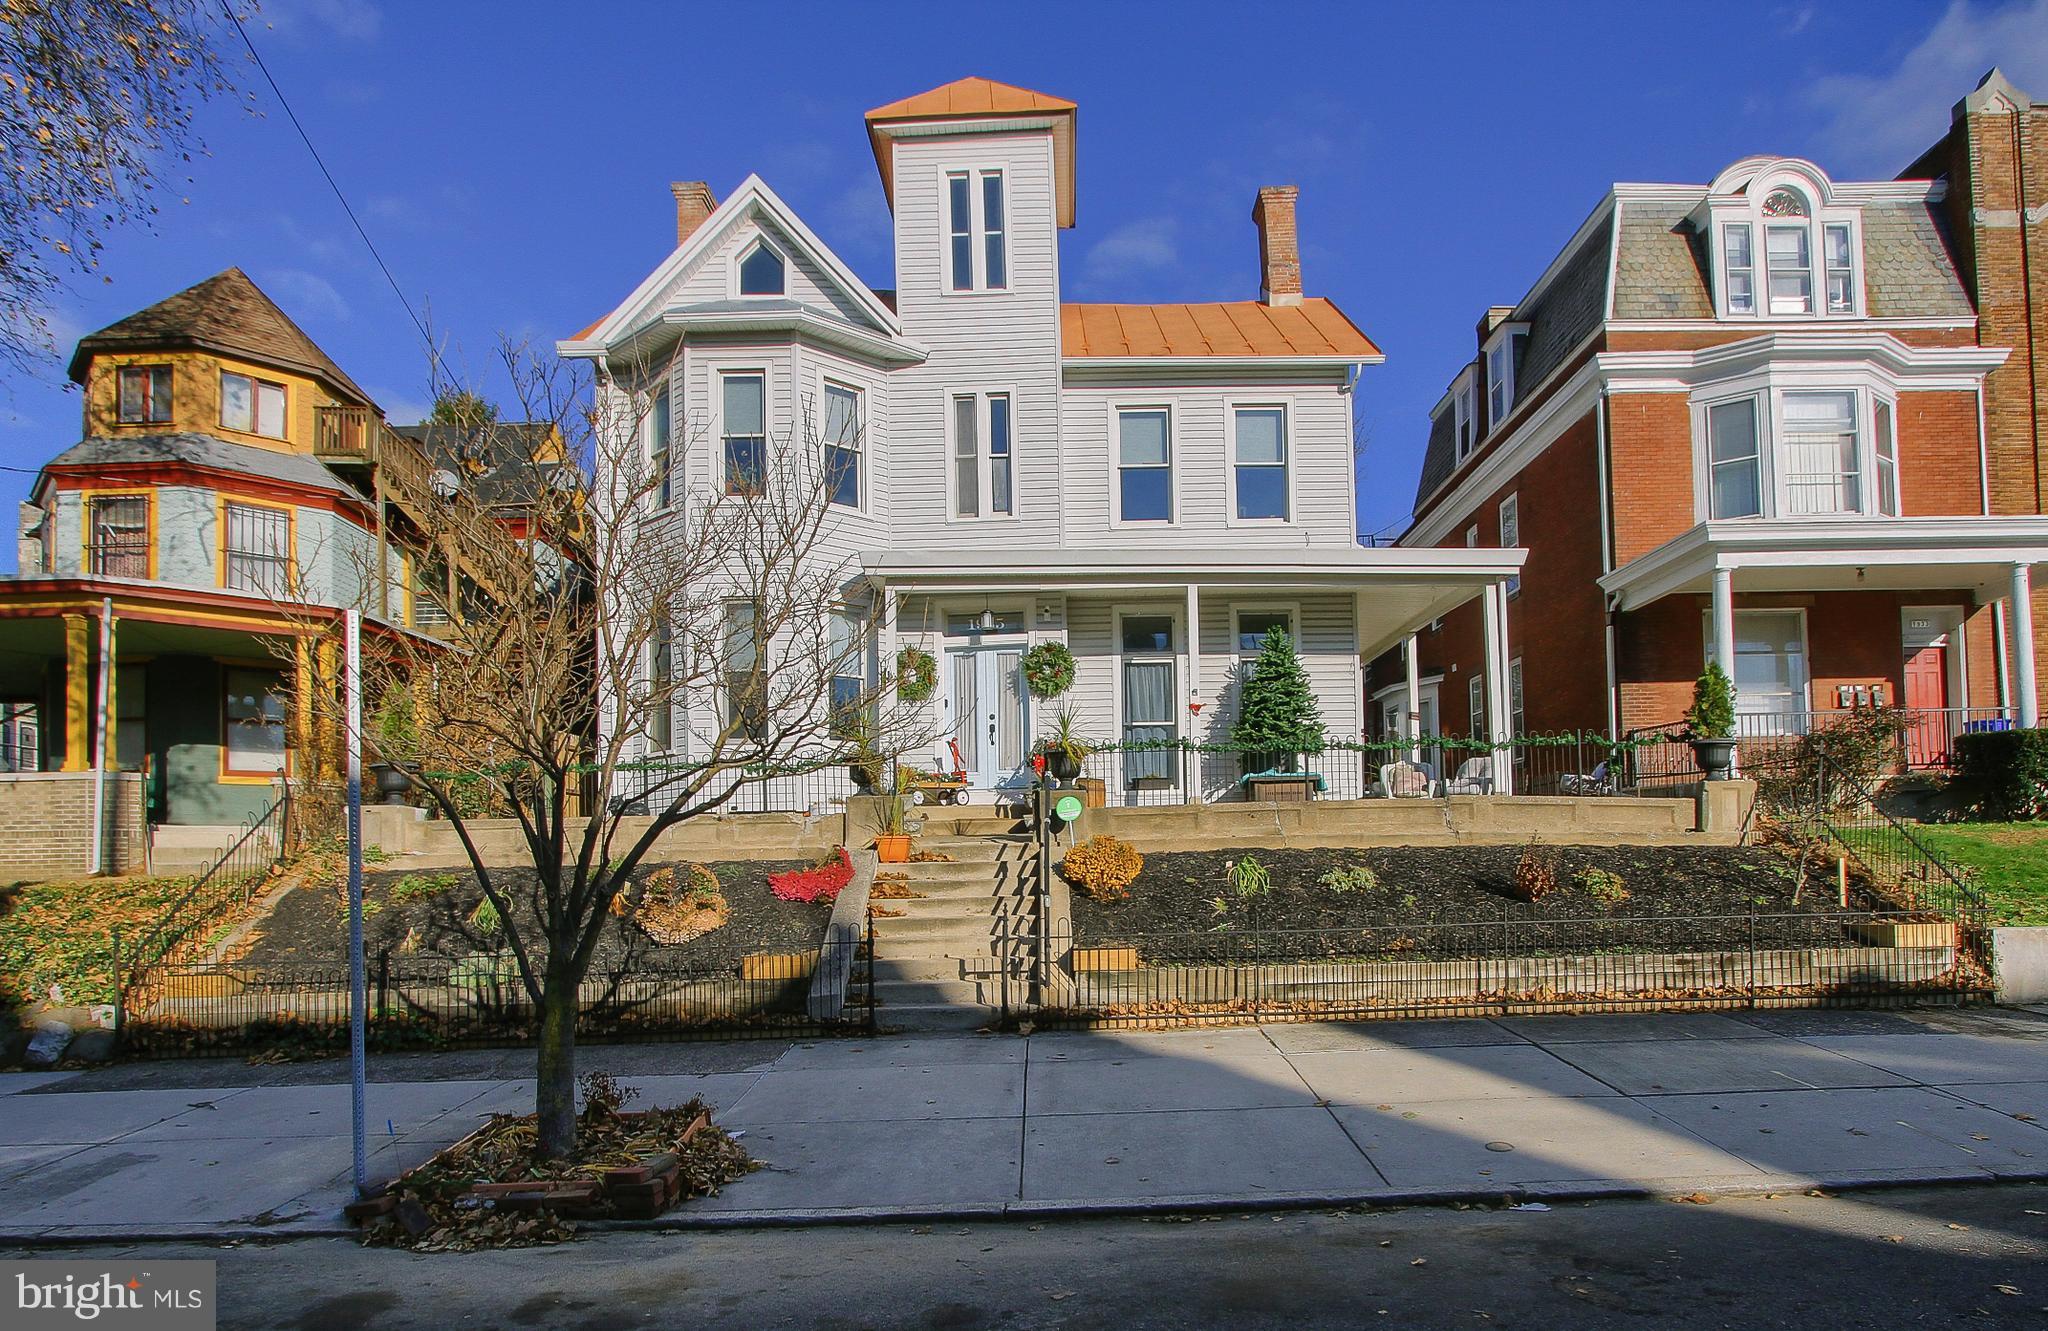 1935 N 3RD STREET N, HARRISBURG, PA 17102